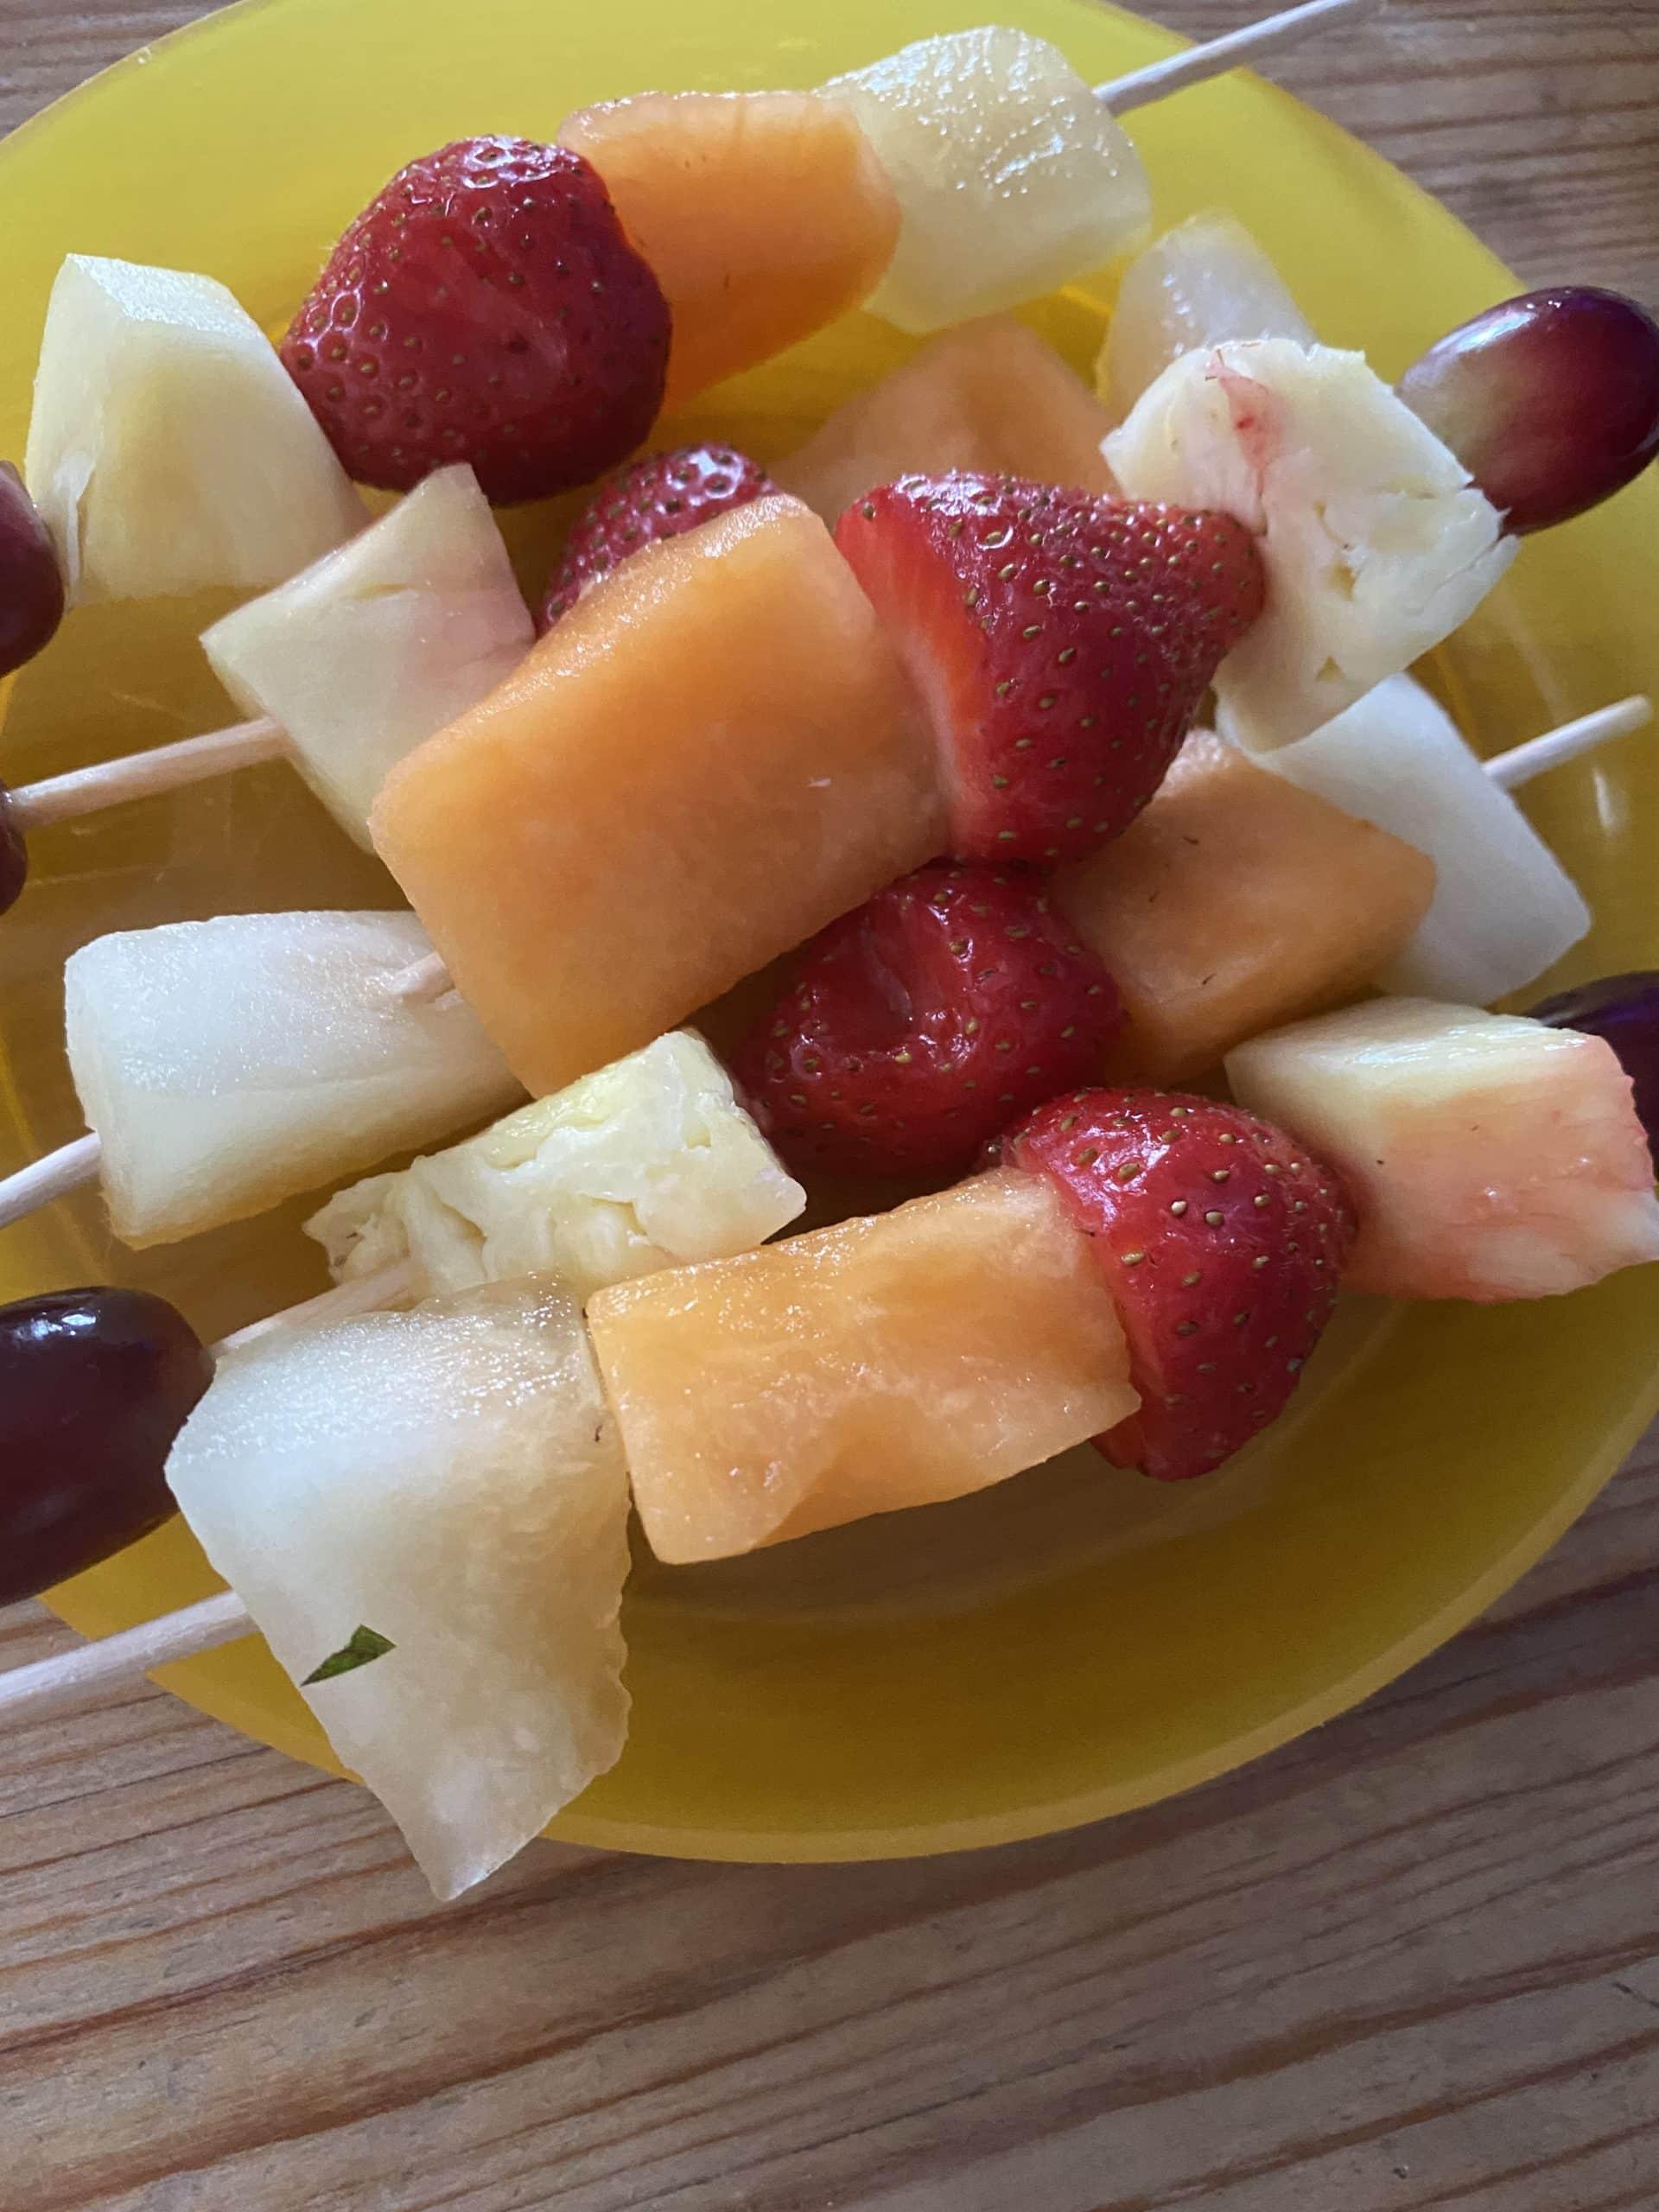 #11 Der Mann bringt Reste von der Arbeit mit, Foodsharing mit Obstspieß.